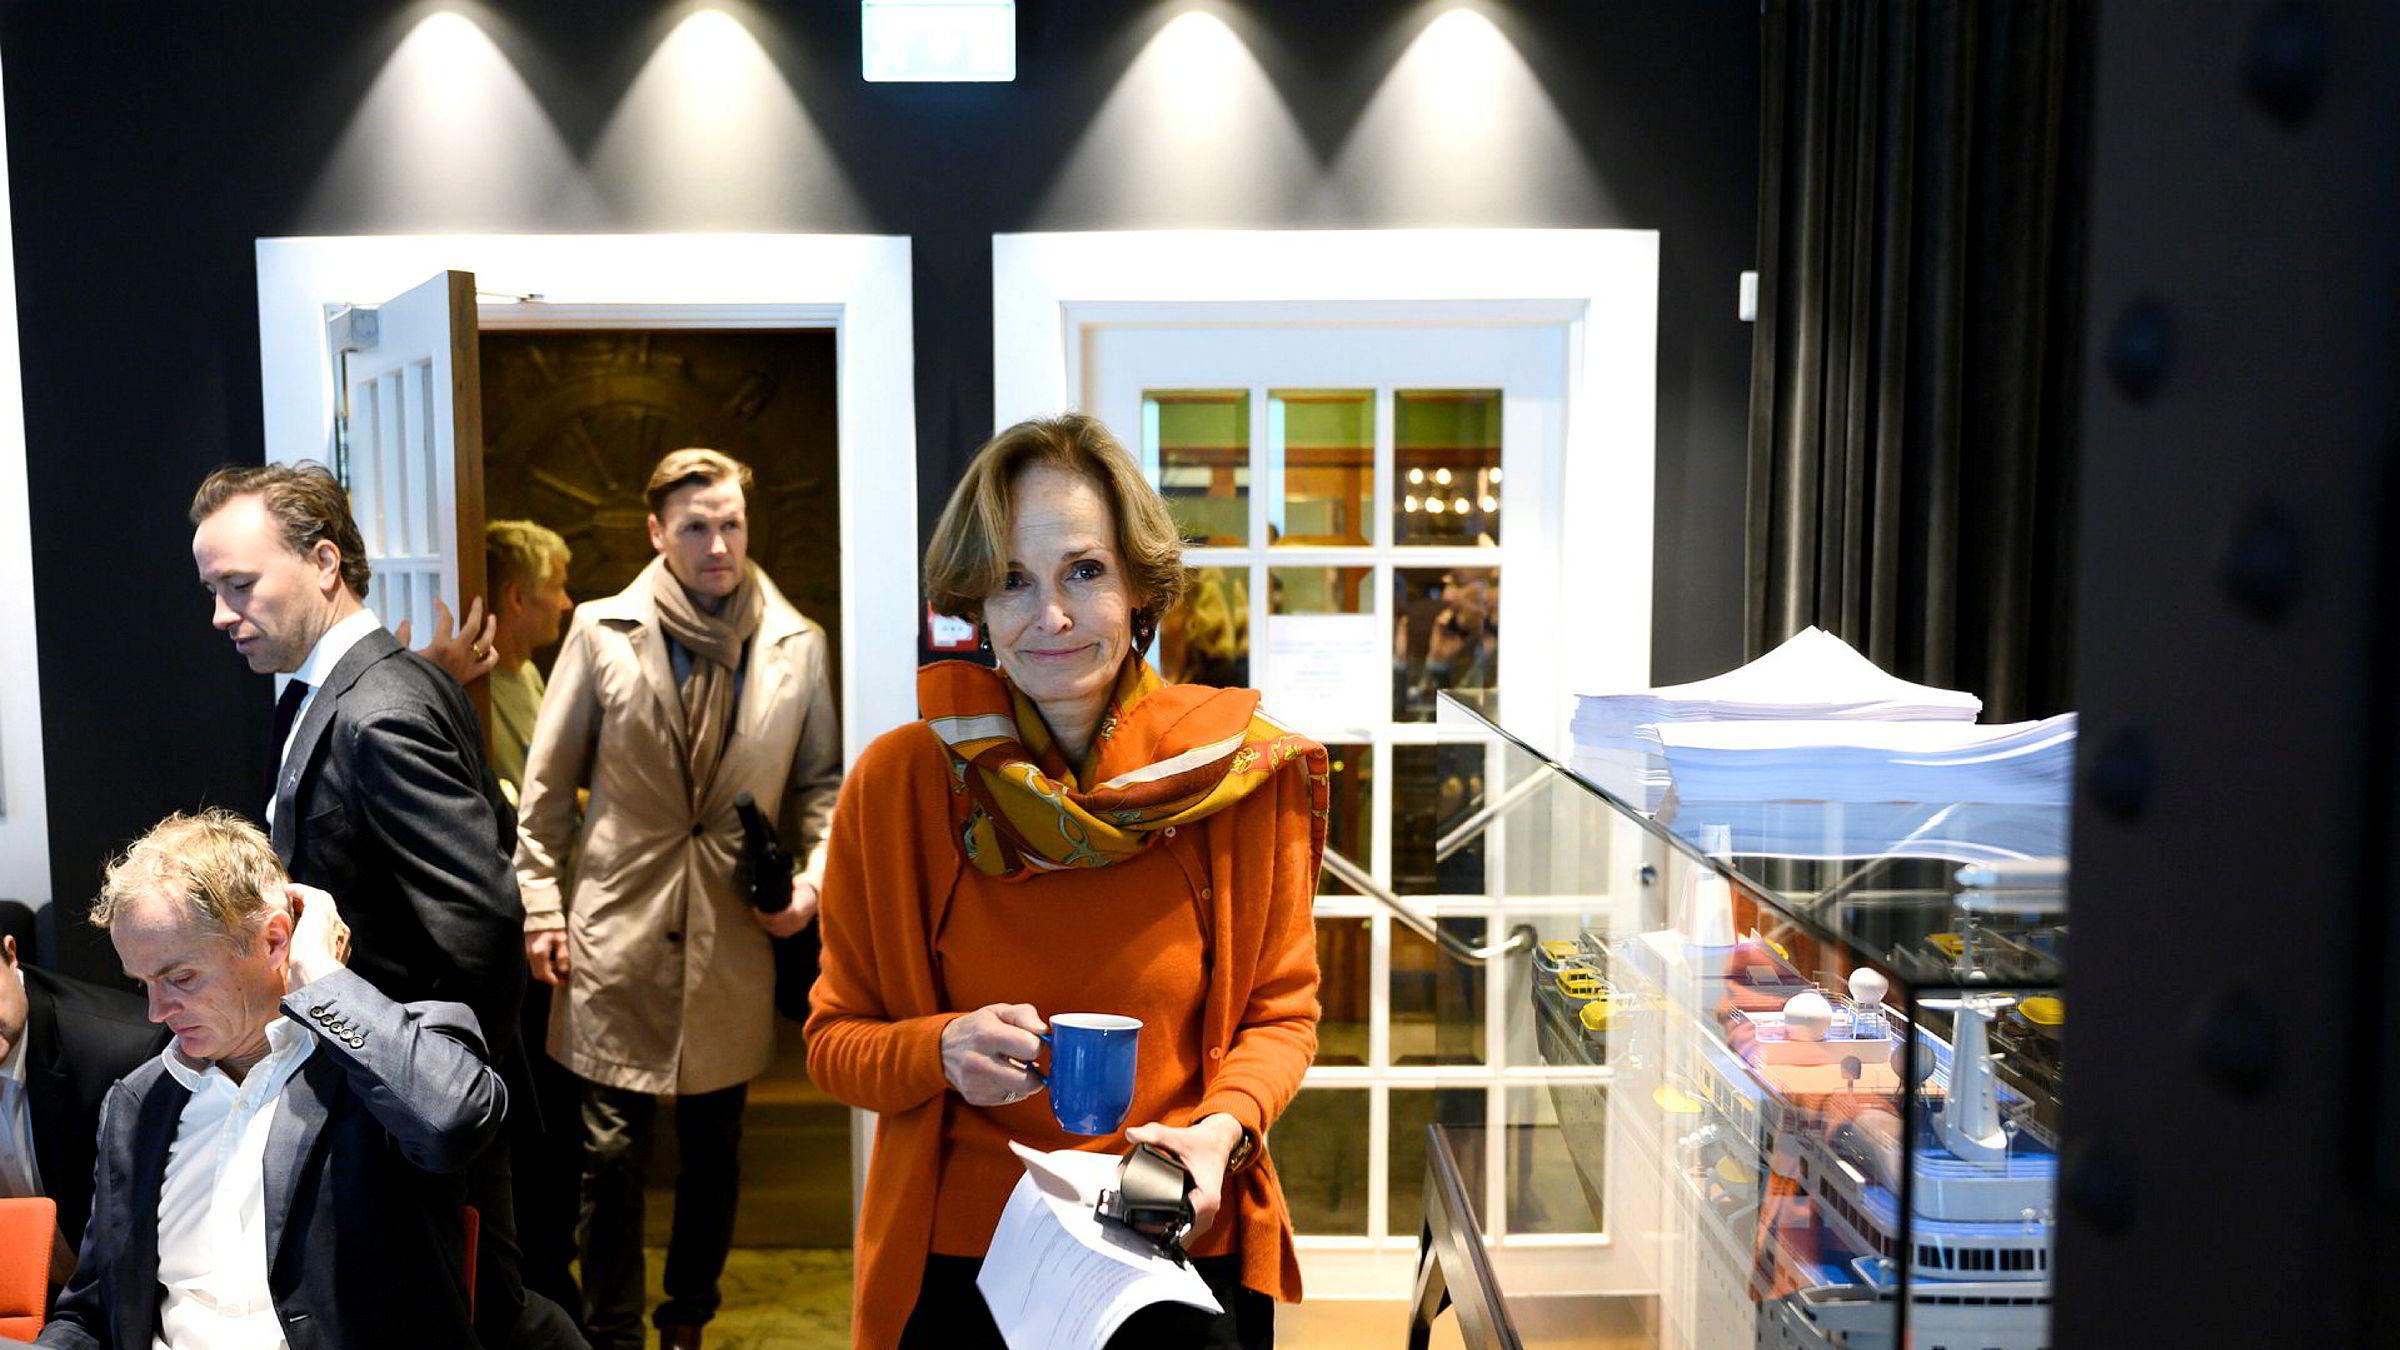 Arctic kaster ut Bonheur og administrerende direktør Anette Olsen fra porteføljen. Til tross for det, åpnet selskapet uken med oppgang på rundt tre prosent.